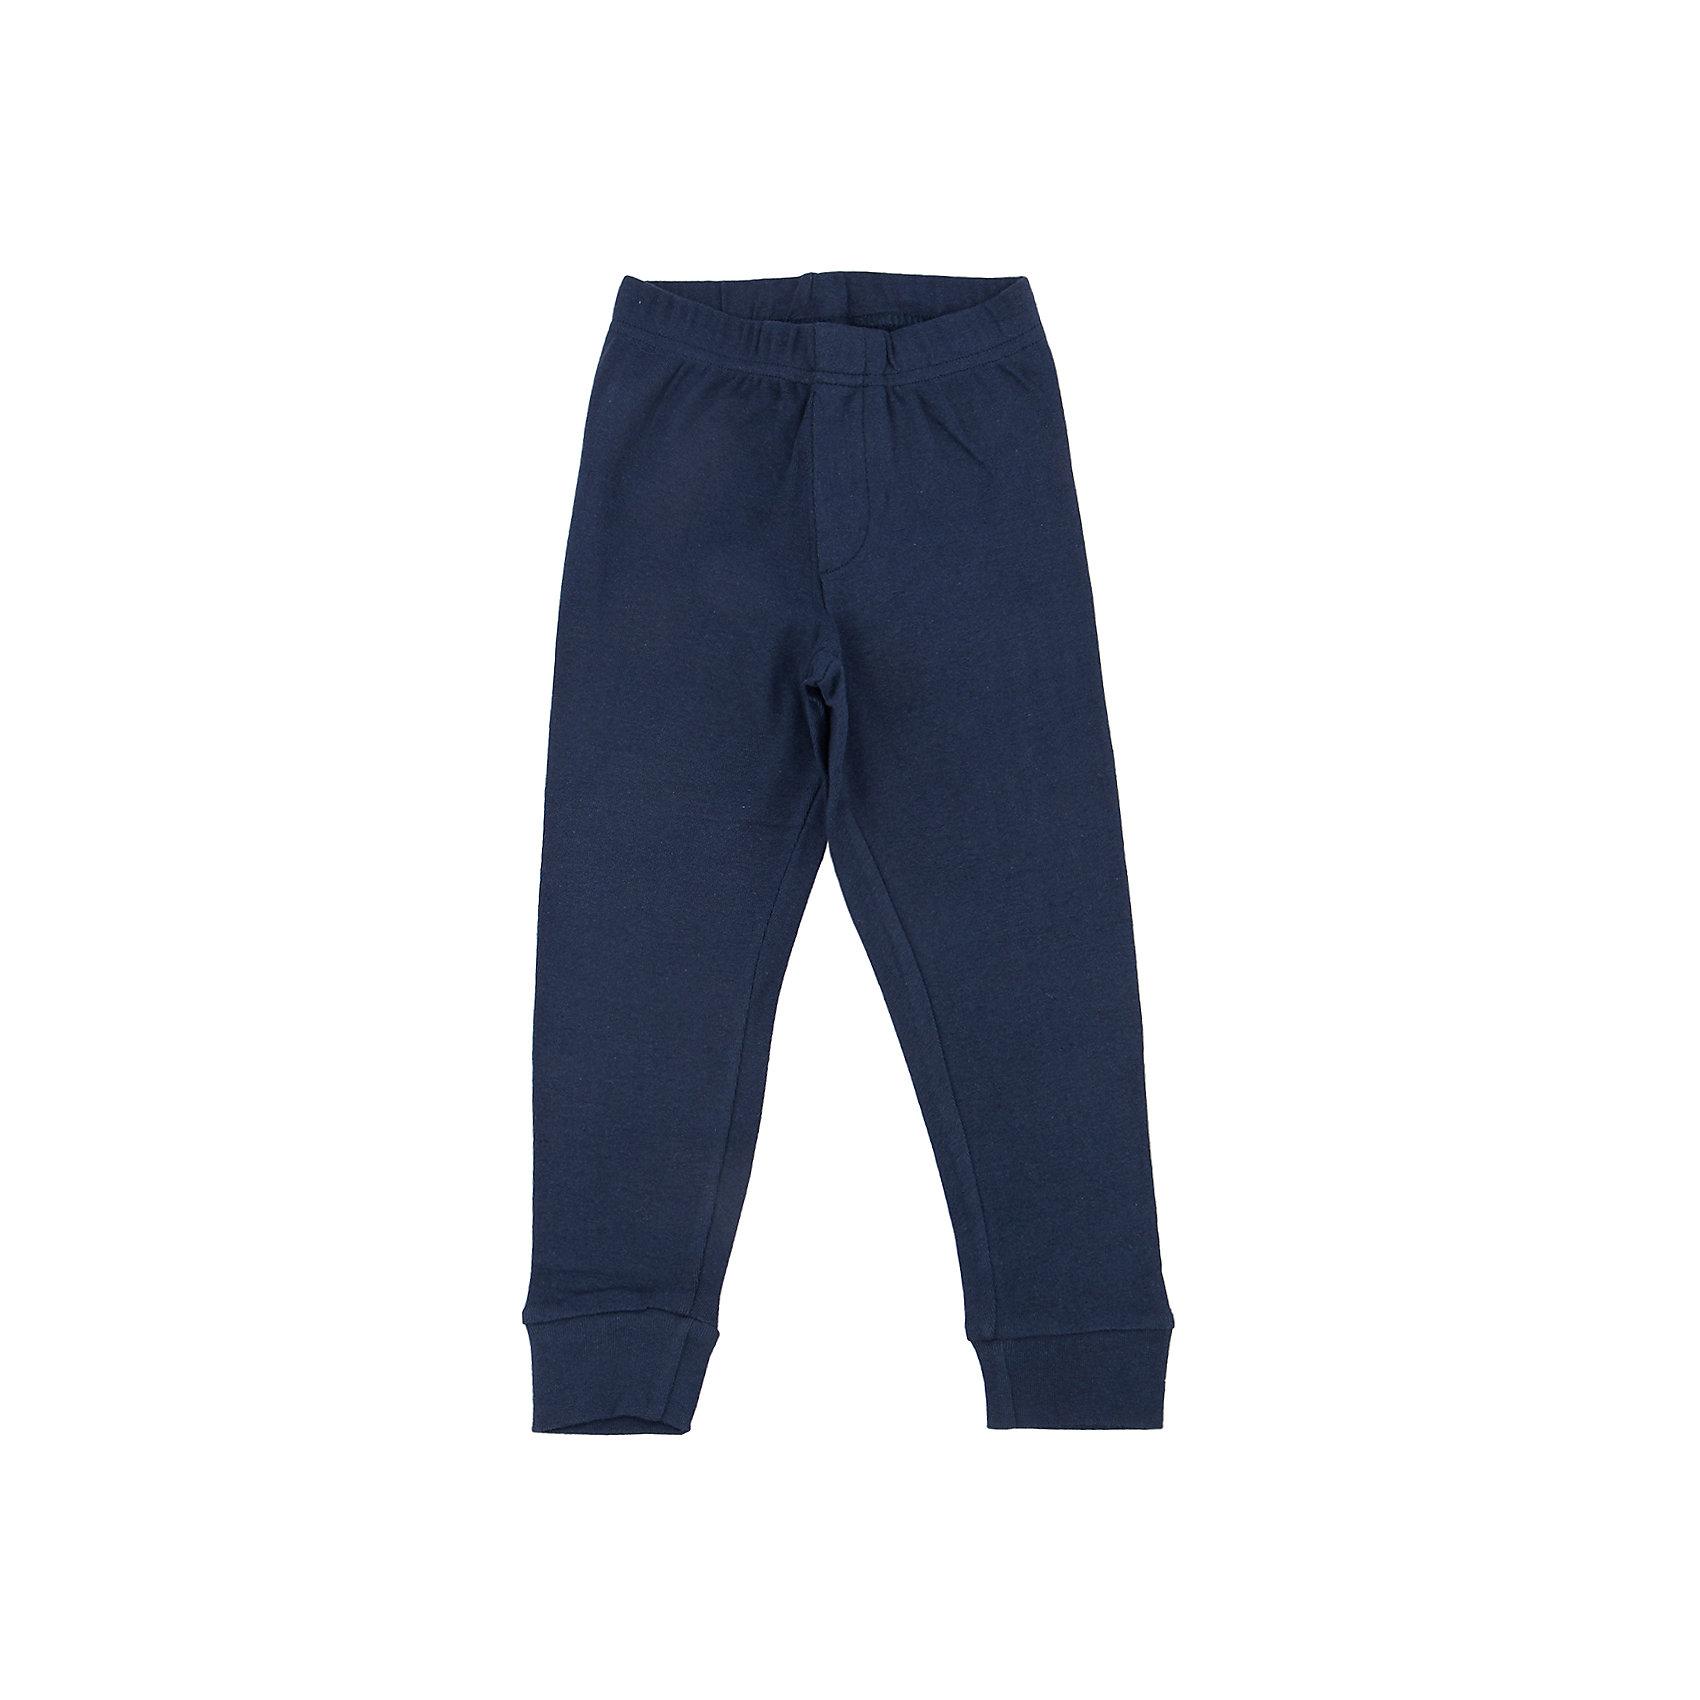 Кальсоны для мальчика SELAУдобное белье - неотъемлемая составляющая комфорта ребенка. Эта модель отлично сидит на мальчике, она сшита из приятного на ощупь материала, мягкая и дышащая. Натуральный хлопок в составе ткани не вызывает аллергии и обеспечивает ребенку комфорт. Мягкая резинка не давит на живот.<br>Одежда от бренда Sela (Села) - это качество по приемлемым ценам. Многие российские родители уже оценили преимущества продукции этой компании и всё чаще приобретают одежду и аксессуары Sela.<br><br>Дополнительная информация:<br><br>материал: 100% хлопок;<br>мягкая резинка;<br>трикотаж.<br><br>Кальсоны для мальчика от бренда Sela можно купить в нашем интернет-магазине.<br><br>Ширина мм: 215<br>Глубина мм: 88<br>Высота мм: 191<br>Вес г: 336<br>Цвет: синий<br>Возраст от месяцев: 24<br>Возраст до месяцев: 36<br>Пол: Мужской<br>Возраст: Детский<br>Размер: 92/98,140/146,128/134,116/122,104/110<br>SKU: 5020197